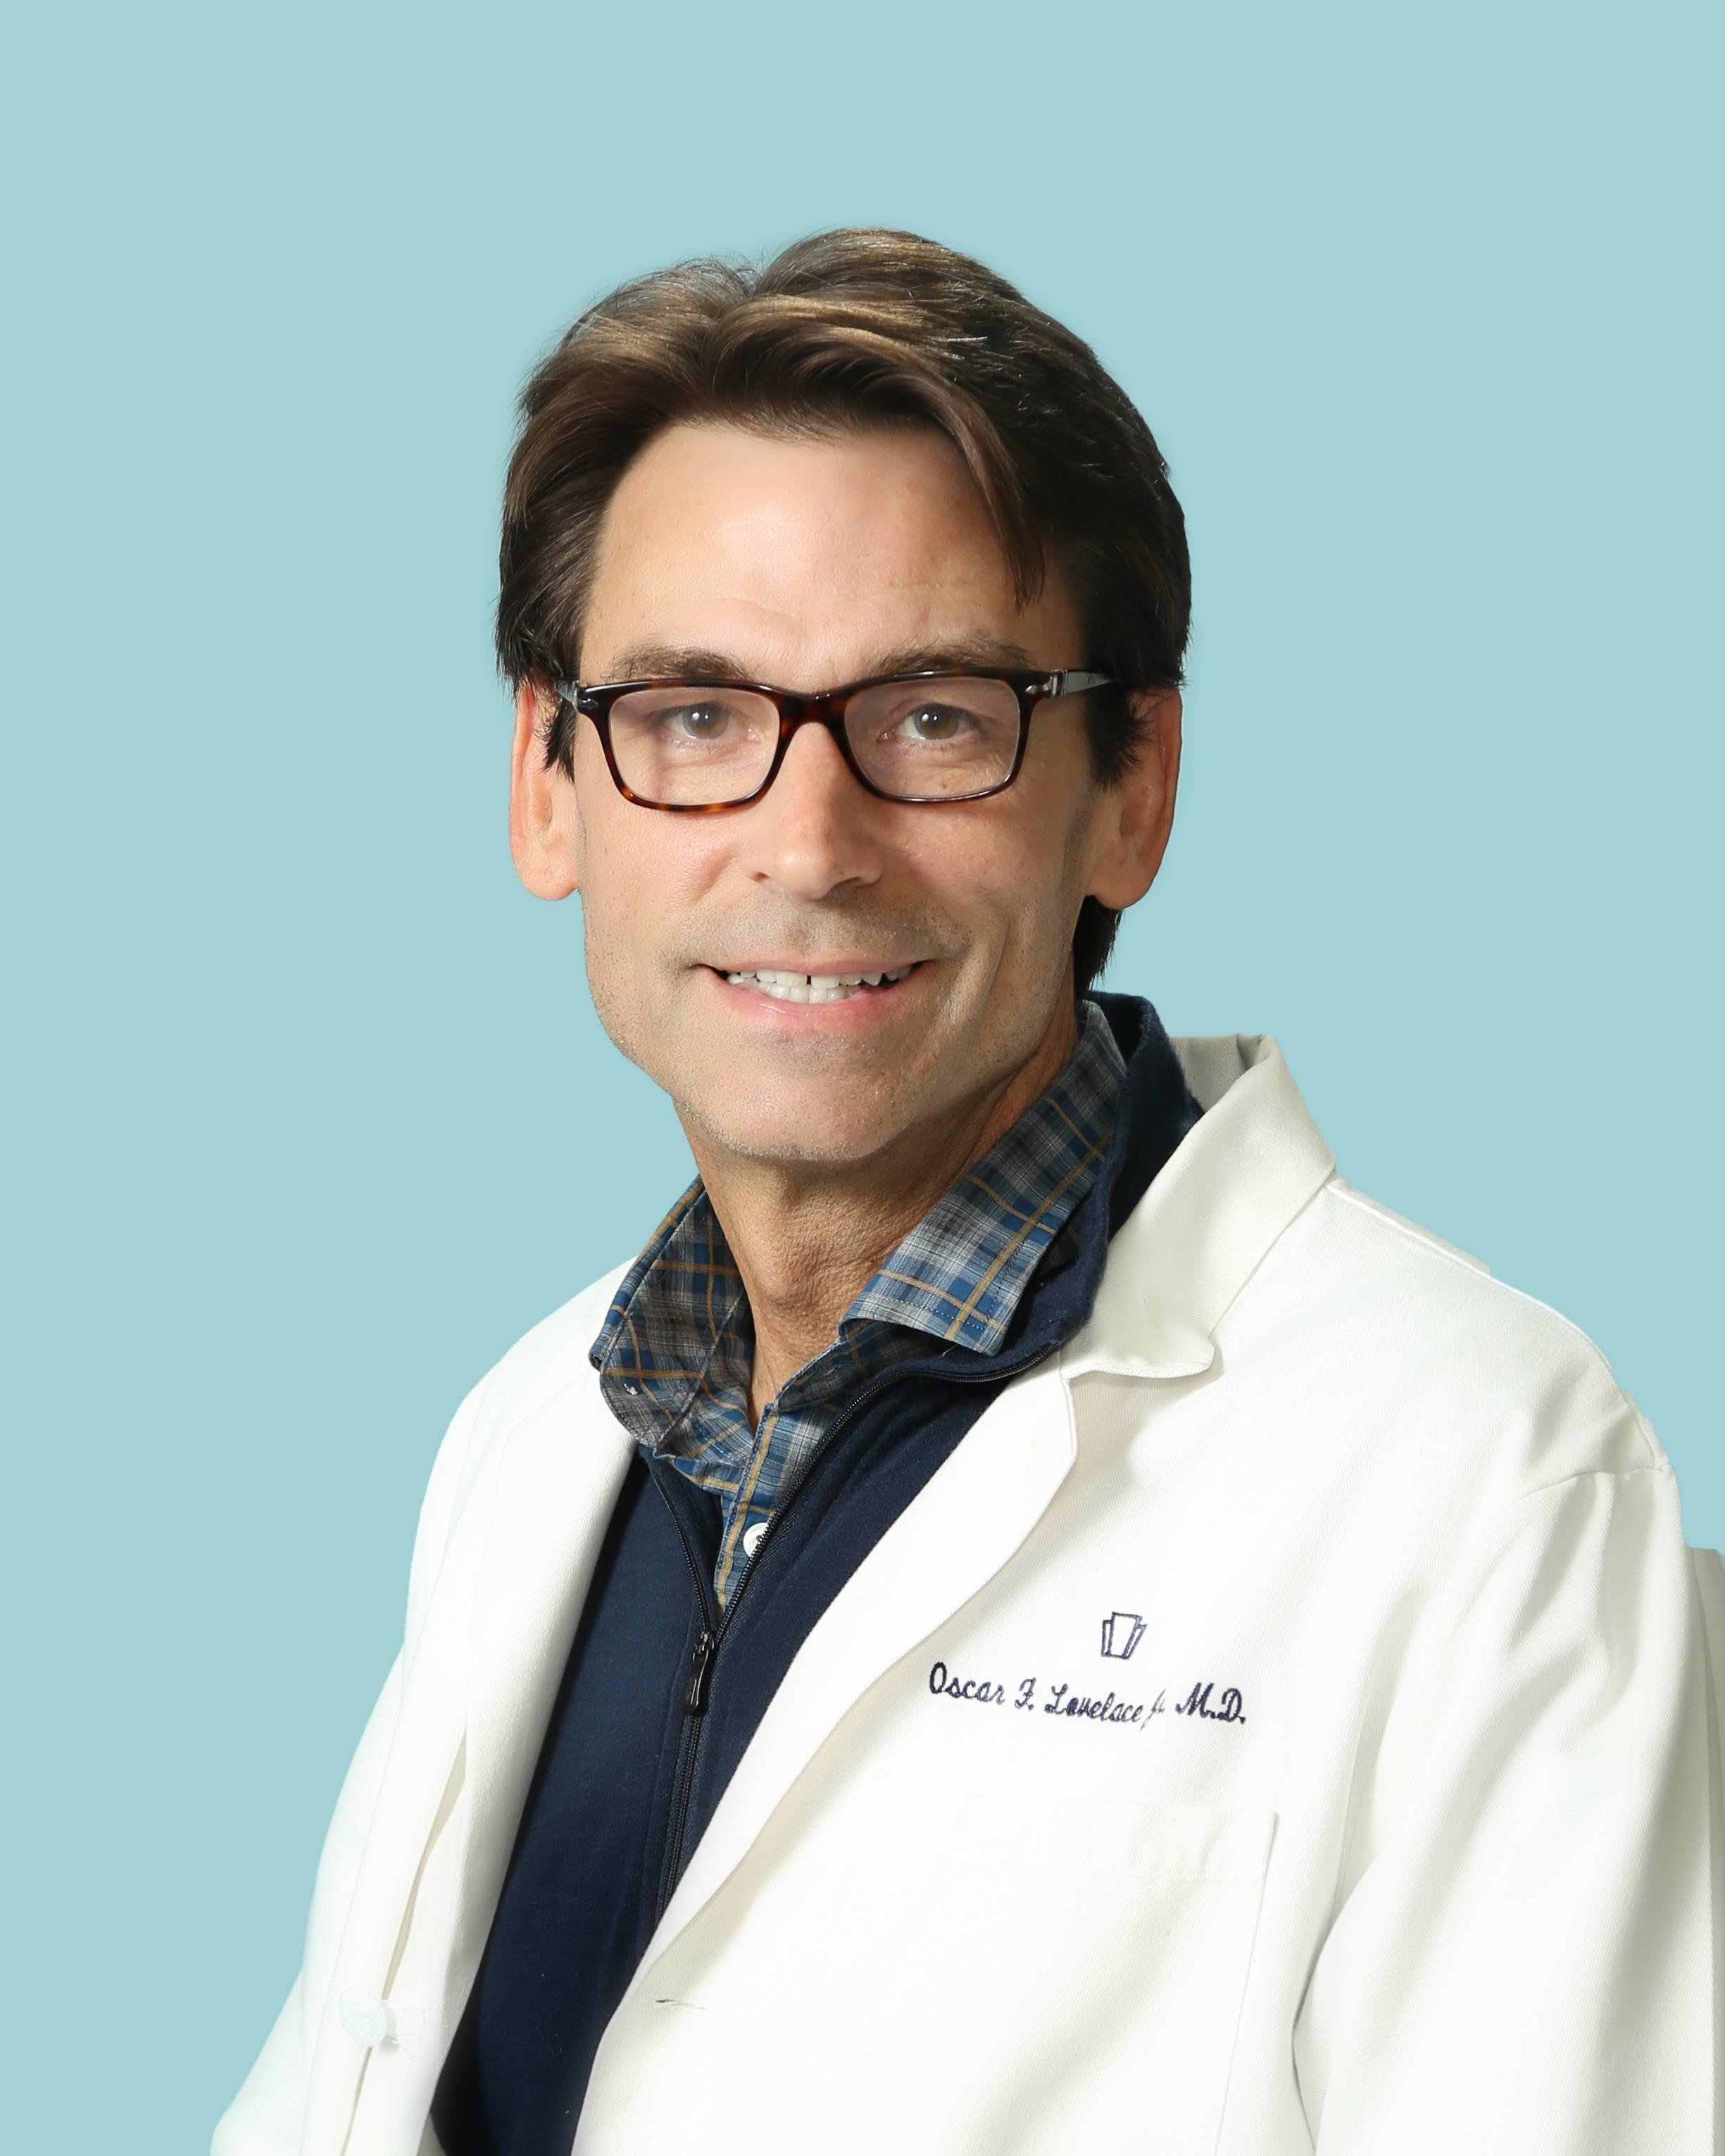 Oscar F. Lovelace, Jr., MD